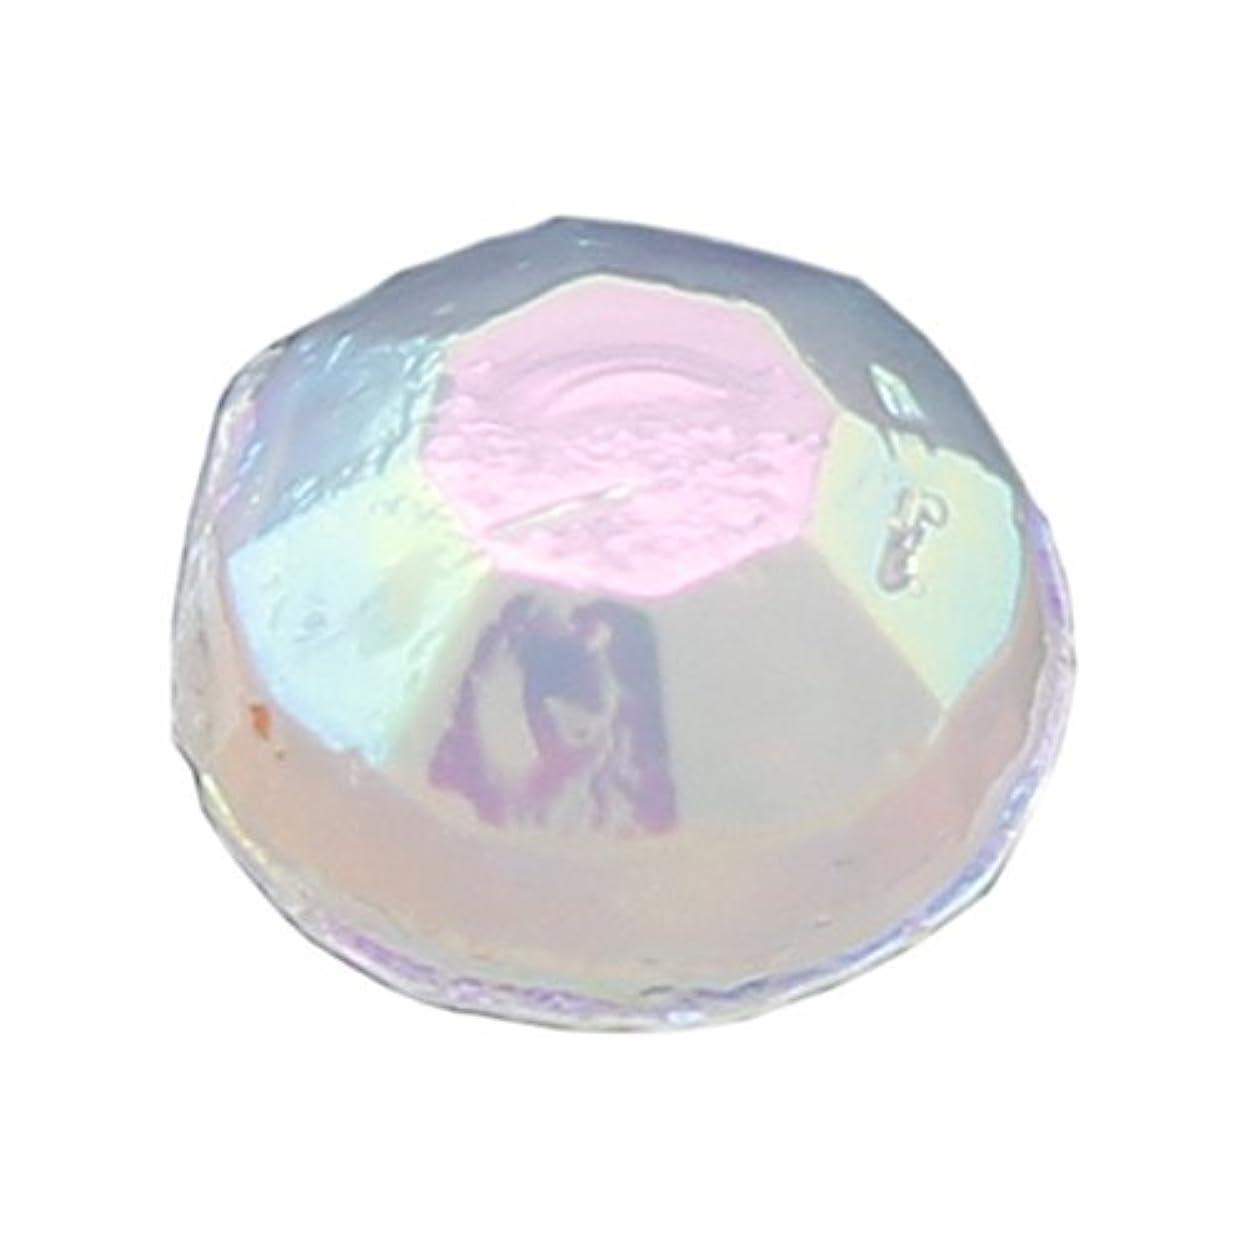 動かない幻想和解するパール 2mm ホワイト(50個入り)